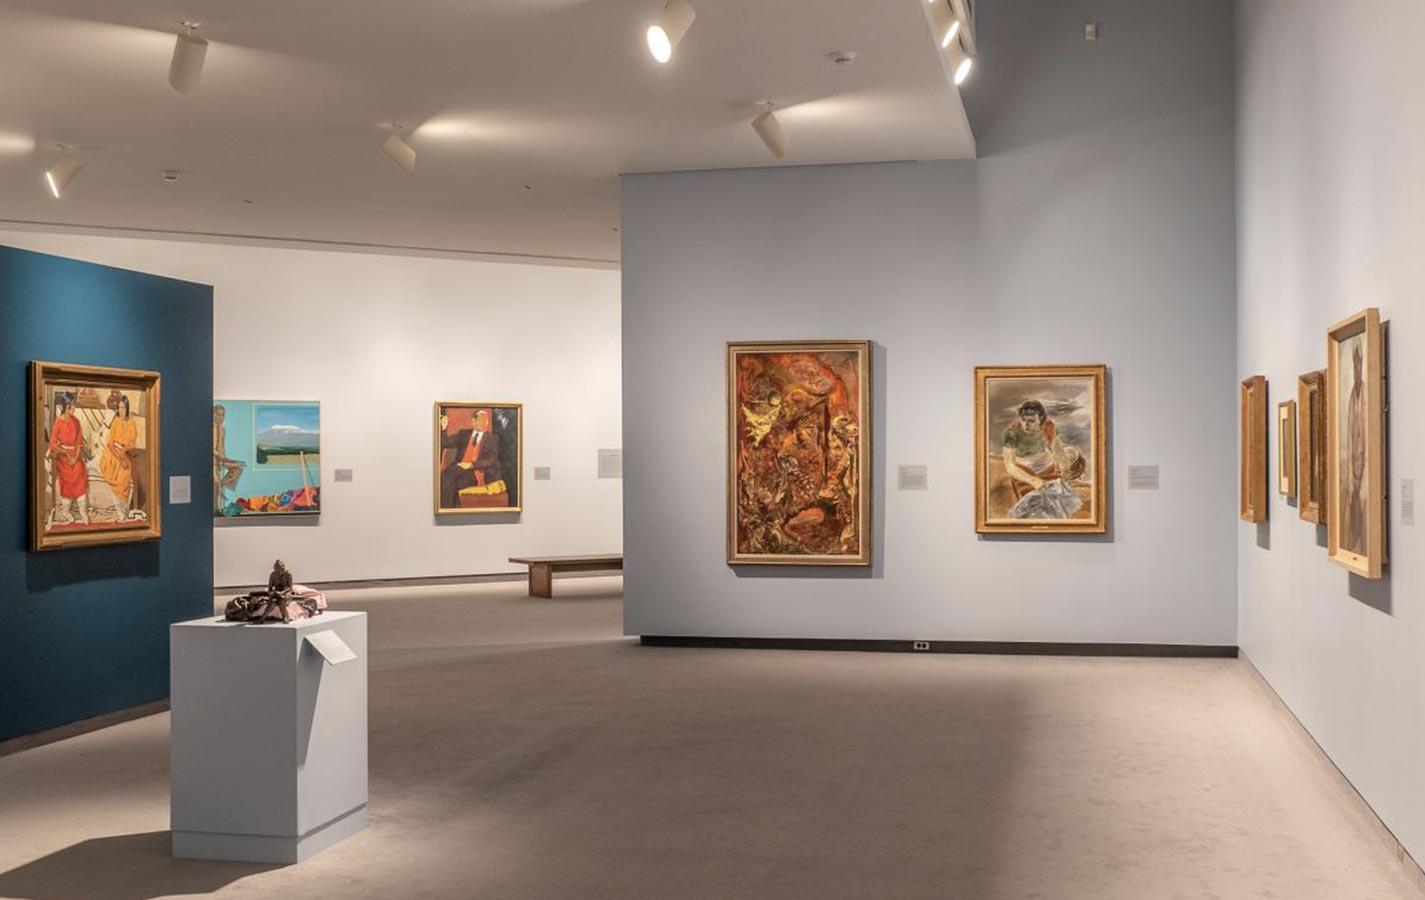 10 museos para visitar virtualmente desde casa